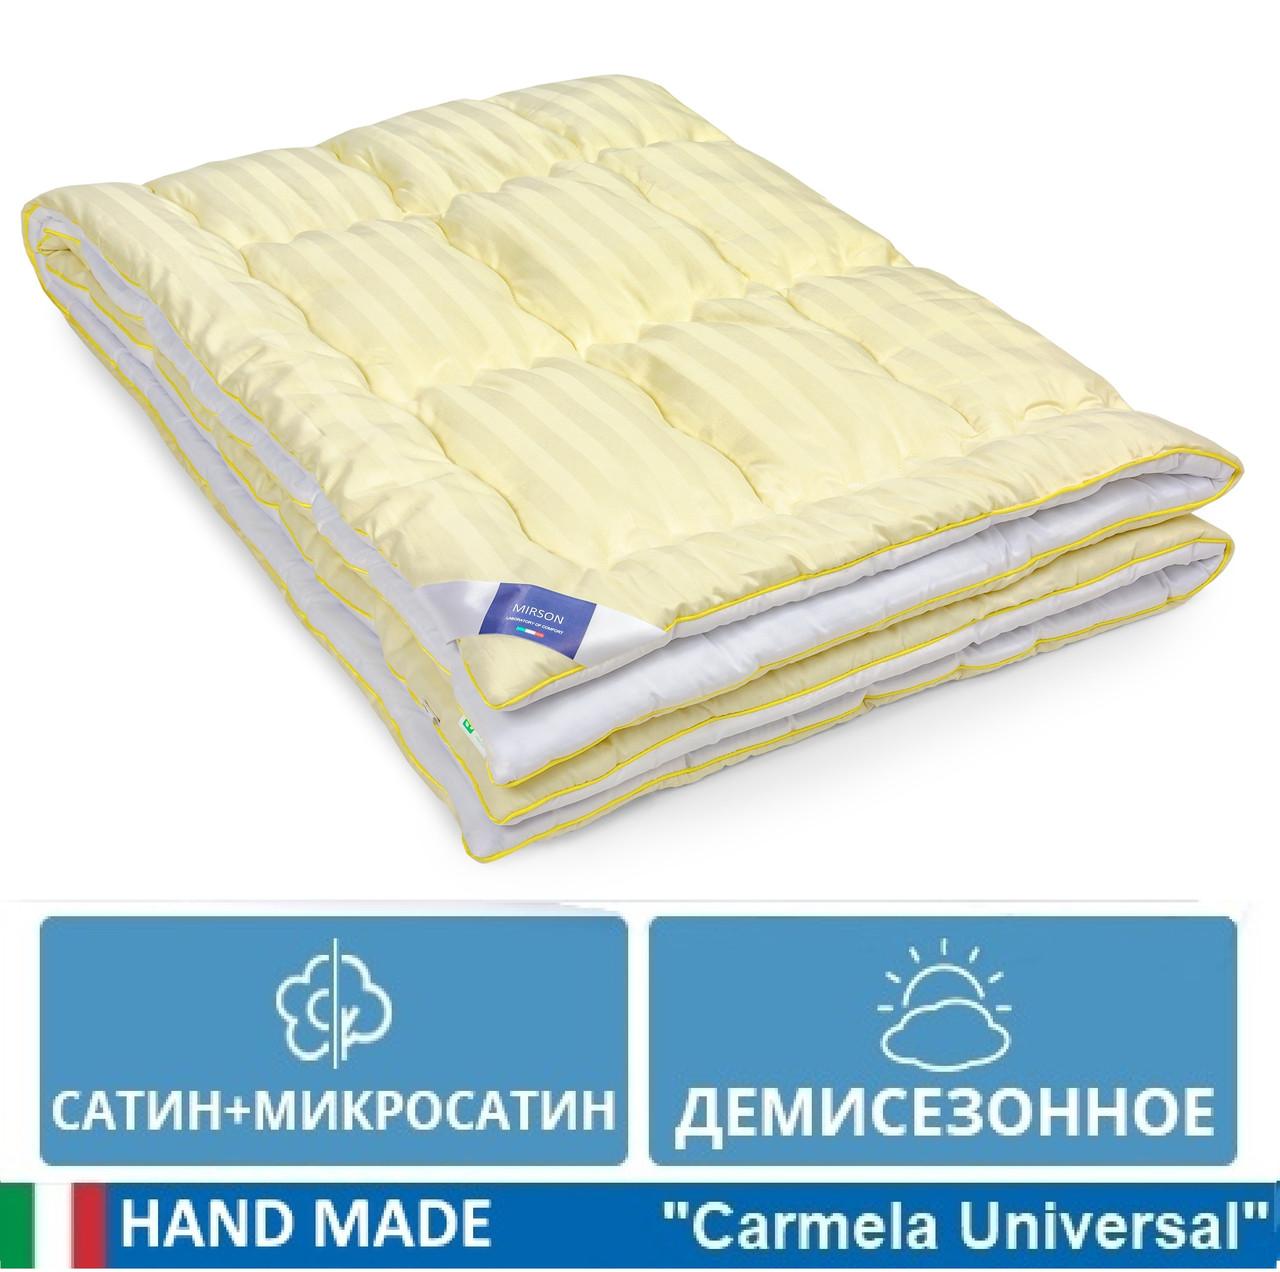 Одеяло детское антиаллергенное EcoSilk Деми Carmela 110 x140 сатин+микросатин  0552